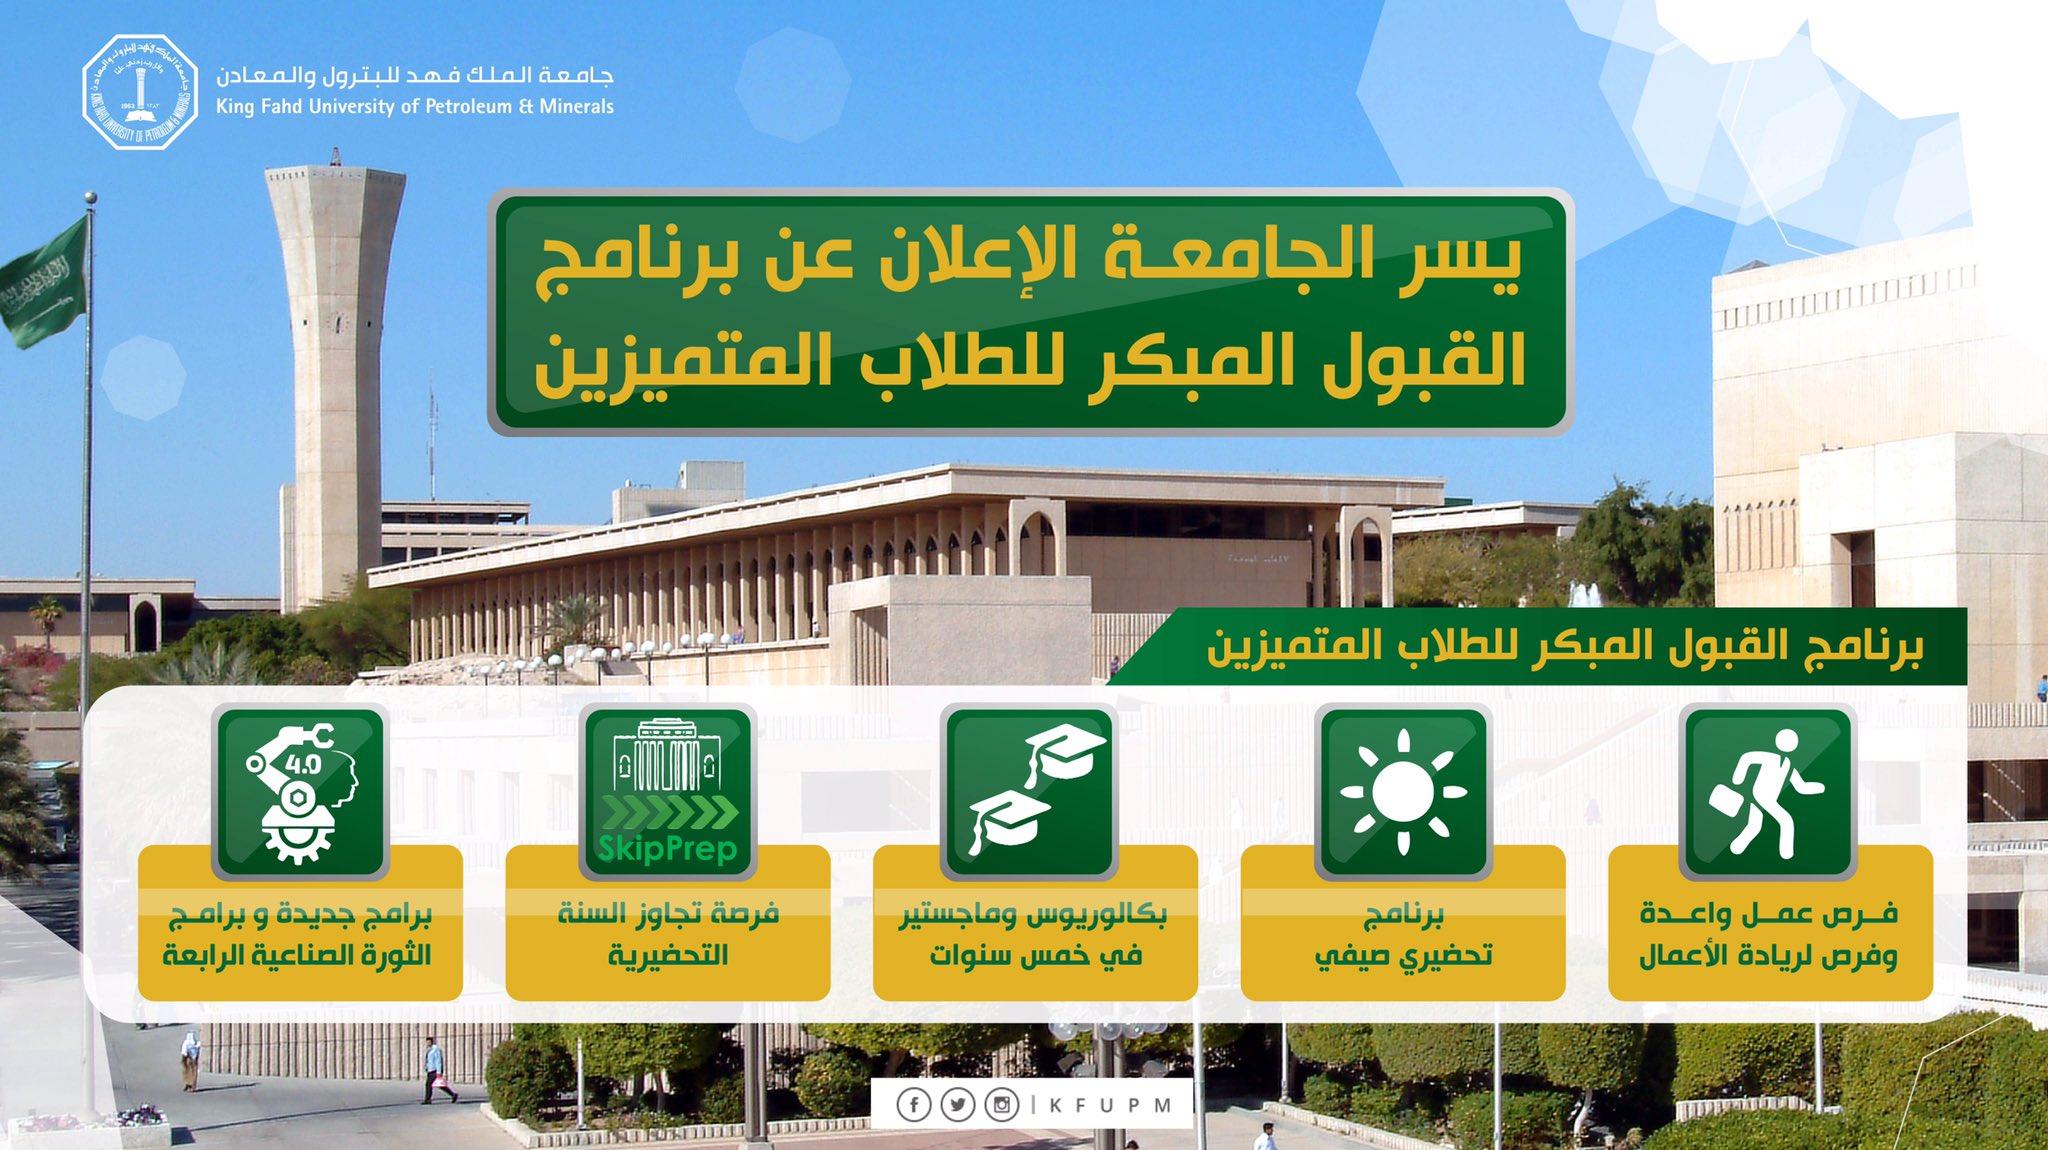 رابط تسجيل جامعة الملك فهد للبترول والمعادن 1443